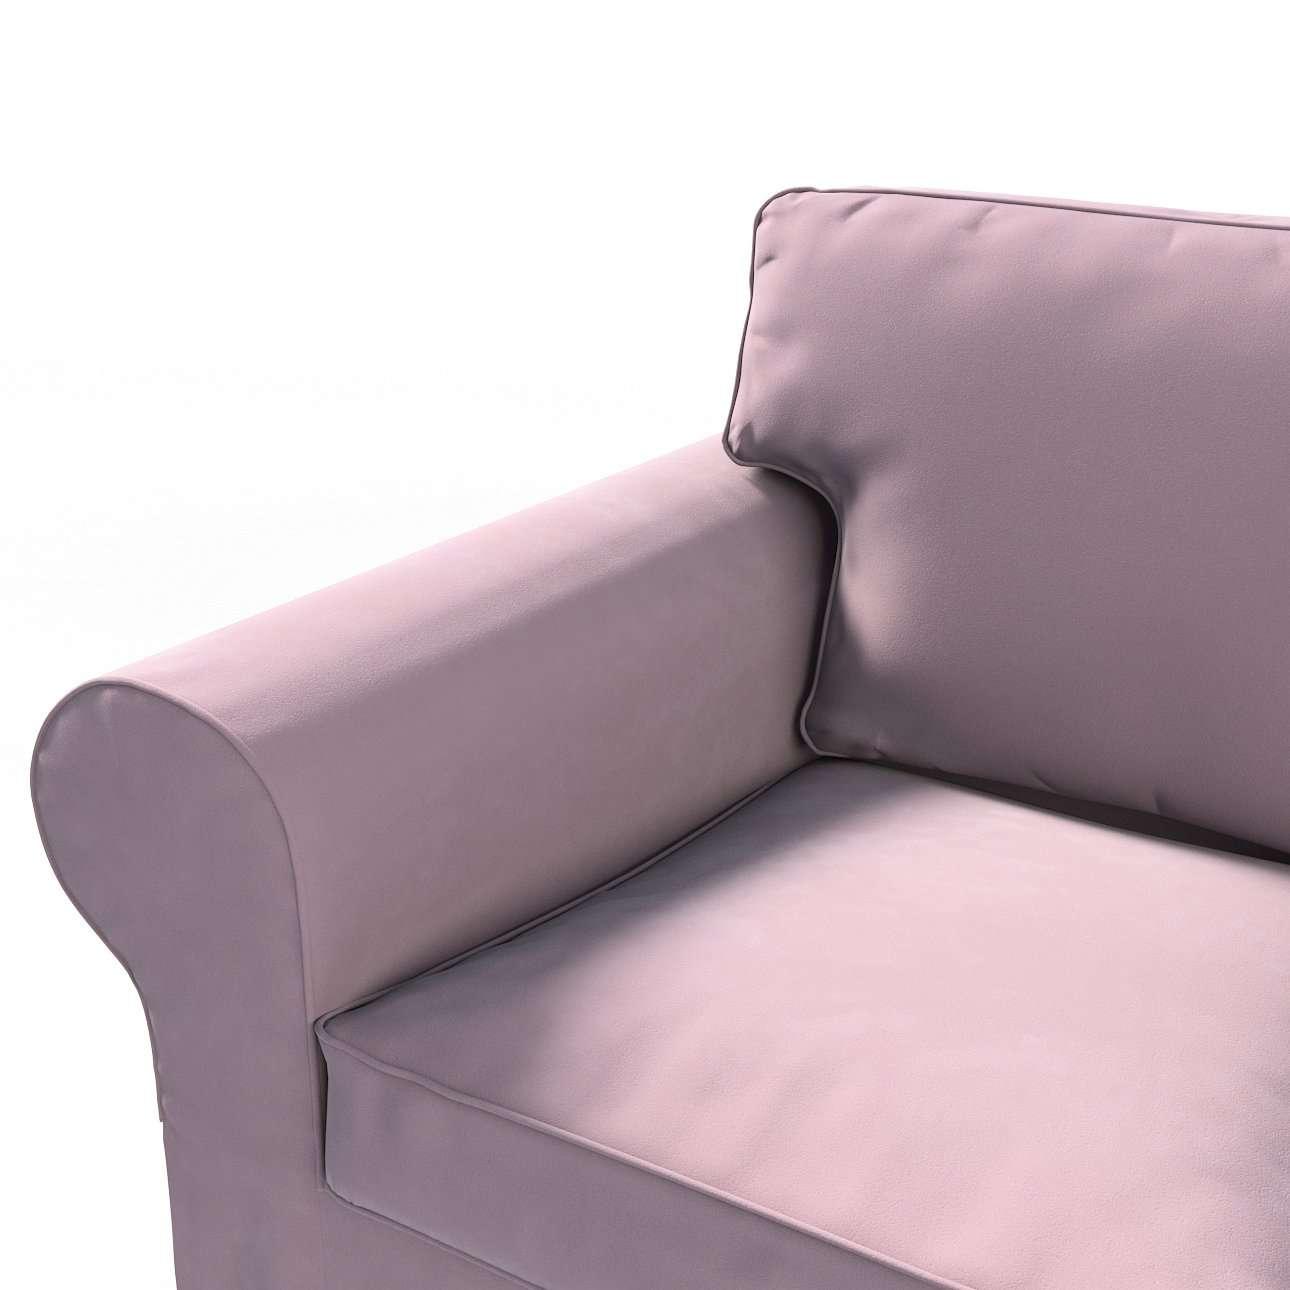 Pokrowiec na sofę Ektorp 2-osobową, rozkładaną, model do 2012 w kolekcji Velvet, tkanina: 704-14